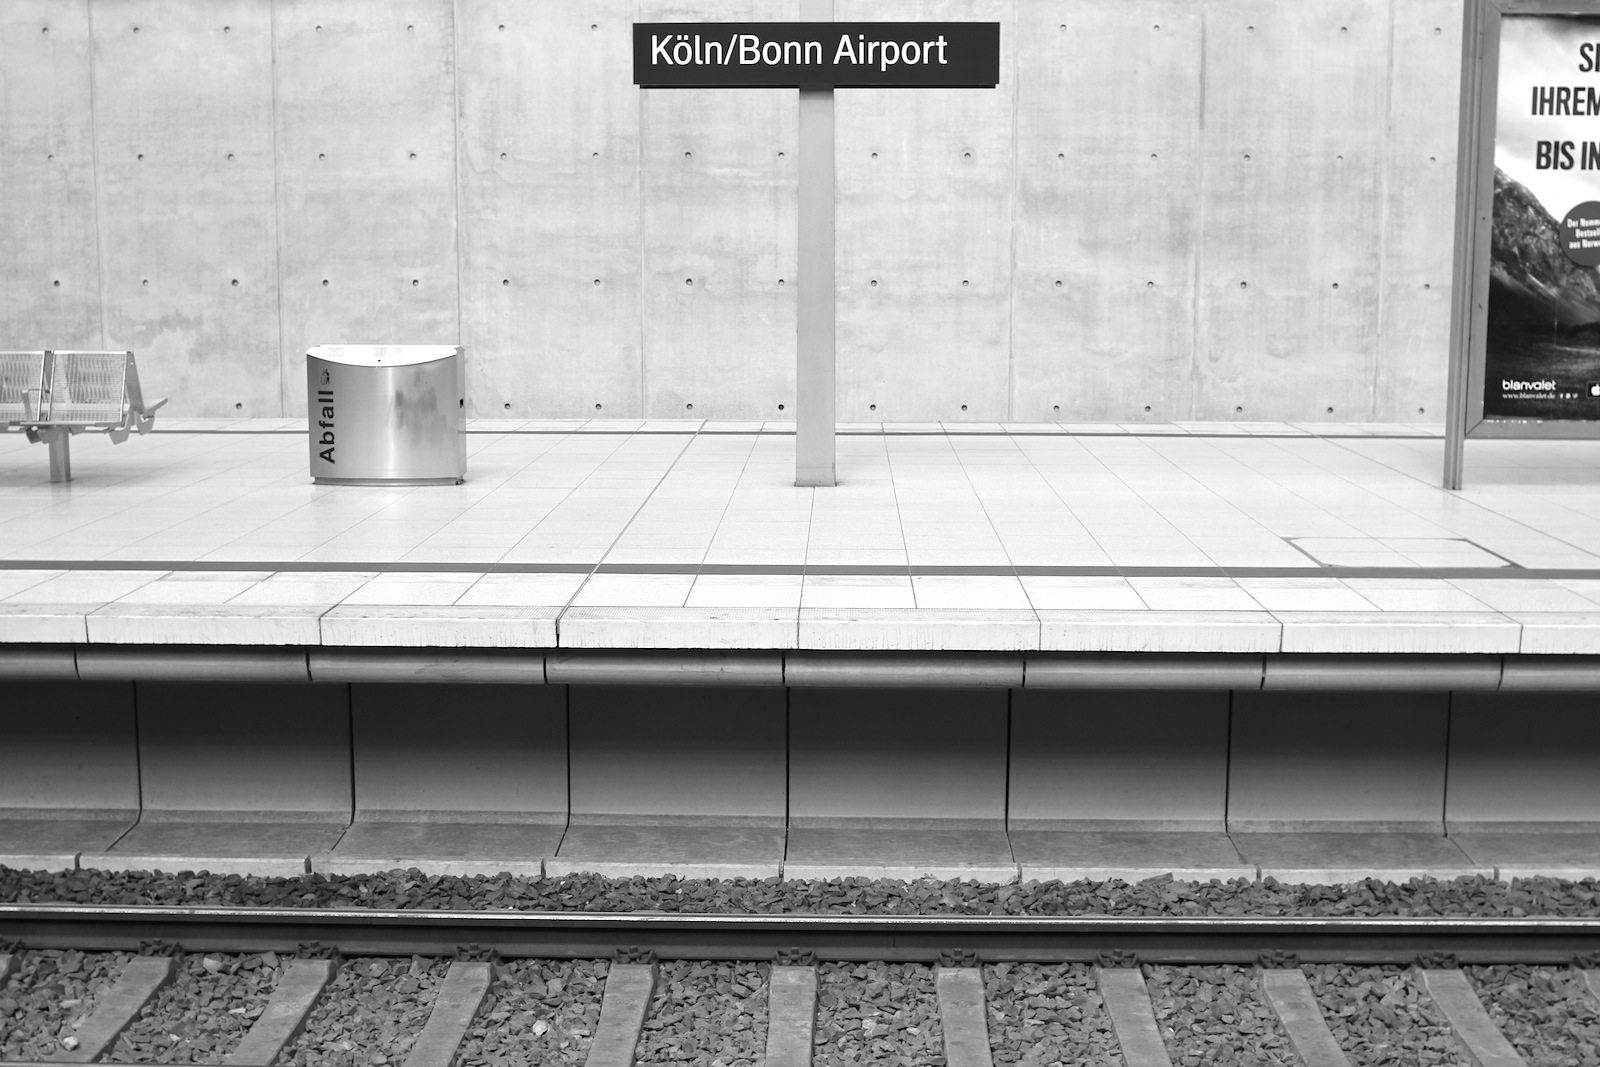 Flughafen Köln Bonn. Der CGN ist heute über Autobahnen und Schnellstraßen sowie mit ICE, S-Bahn und Regionalexpress direkt zu erreichen. Das Bild zeigt den von Helmut Jahn geplanten Flughafenbahnhof.